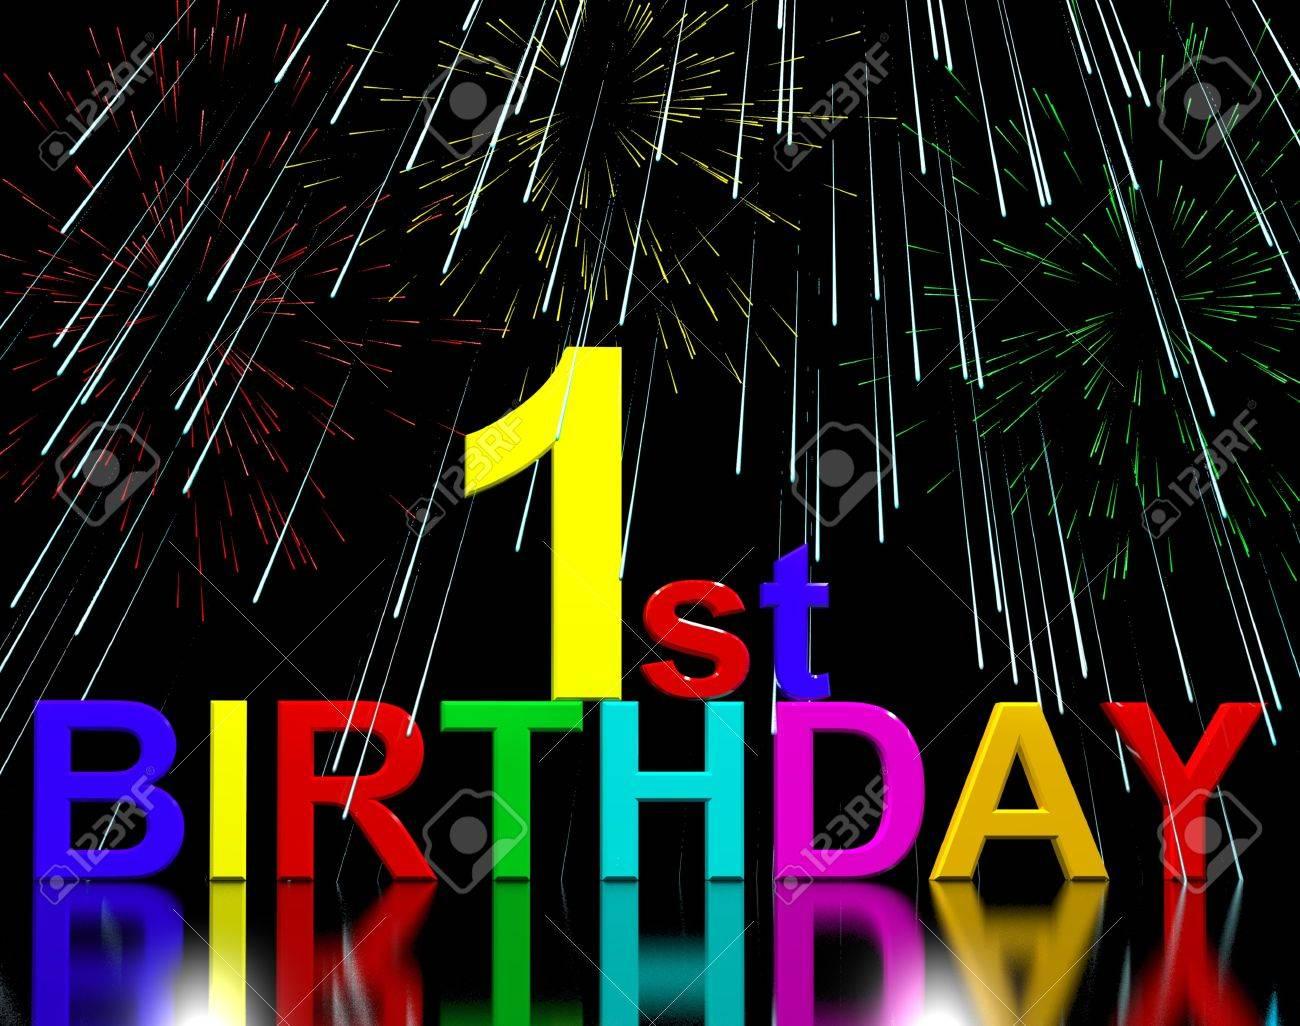 Prima O 1 Compleanno Festeggiato Con Fuochi Dartificio Di